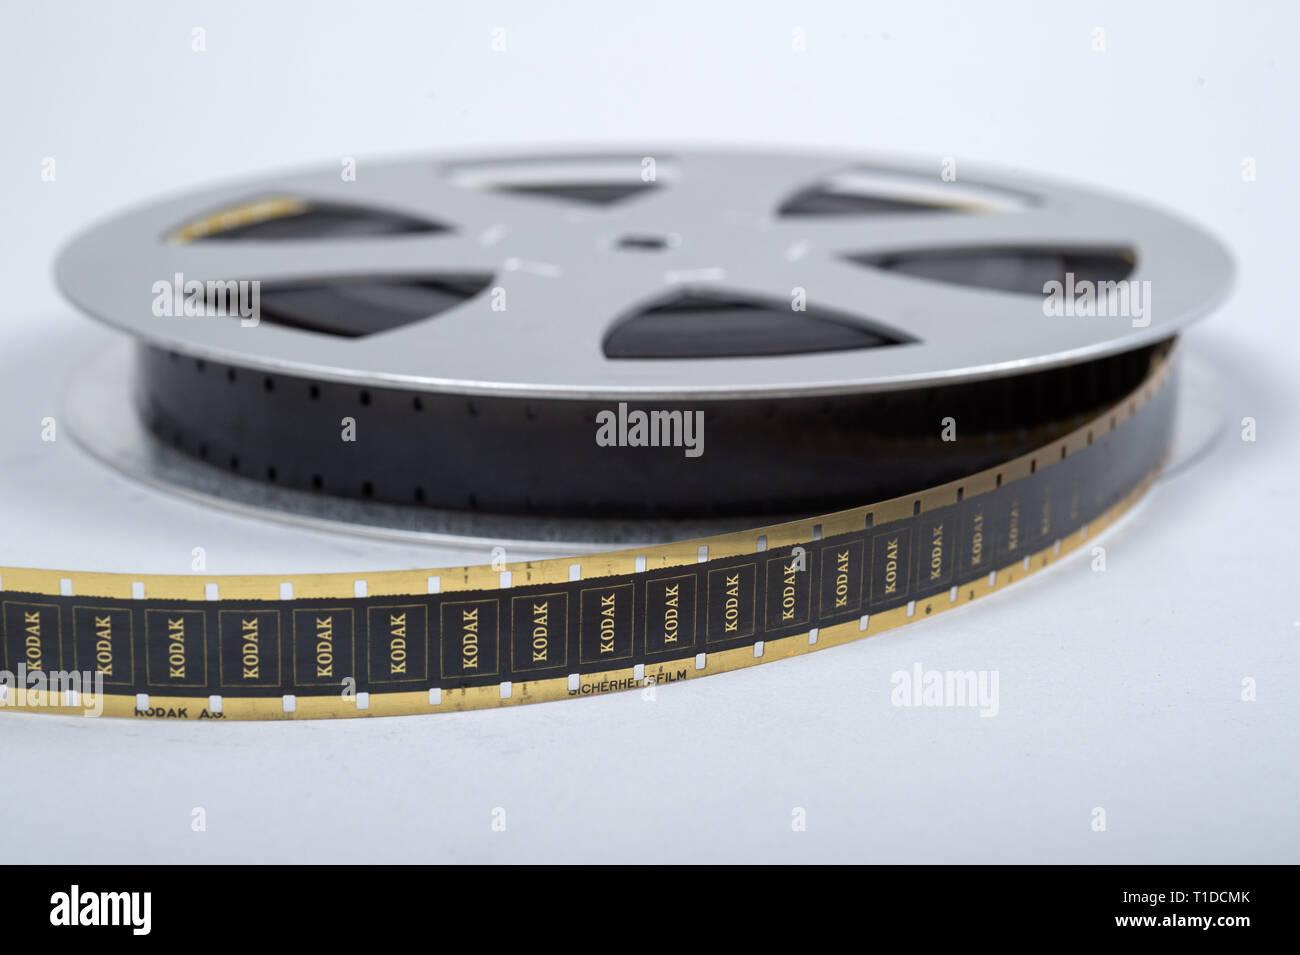 24 11 2015, Berlin, Berlin, Germany - Film roll in 16mm film